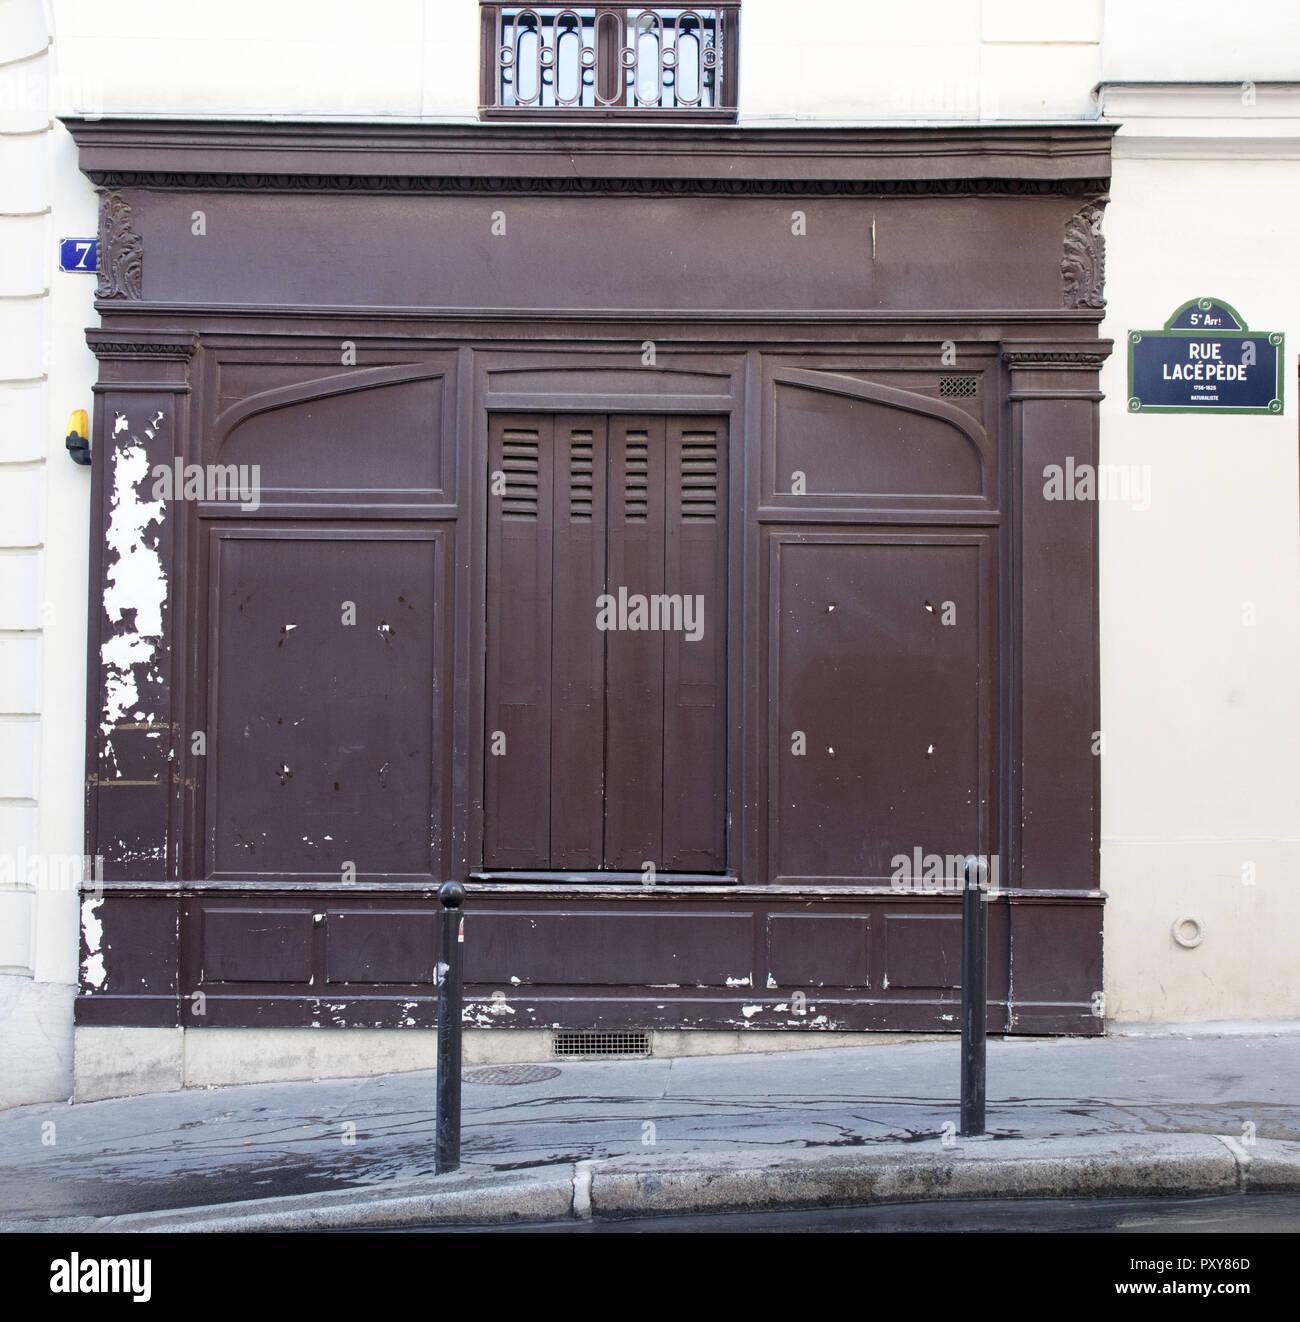 Detail of No 7 rue Lacépède, 5th Arrondissement, Paris, France - Stock Image